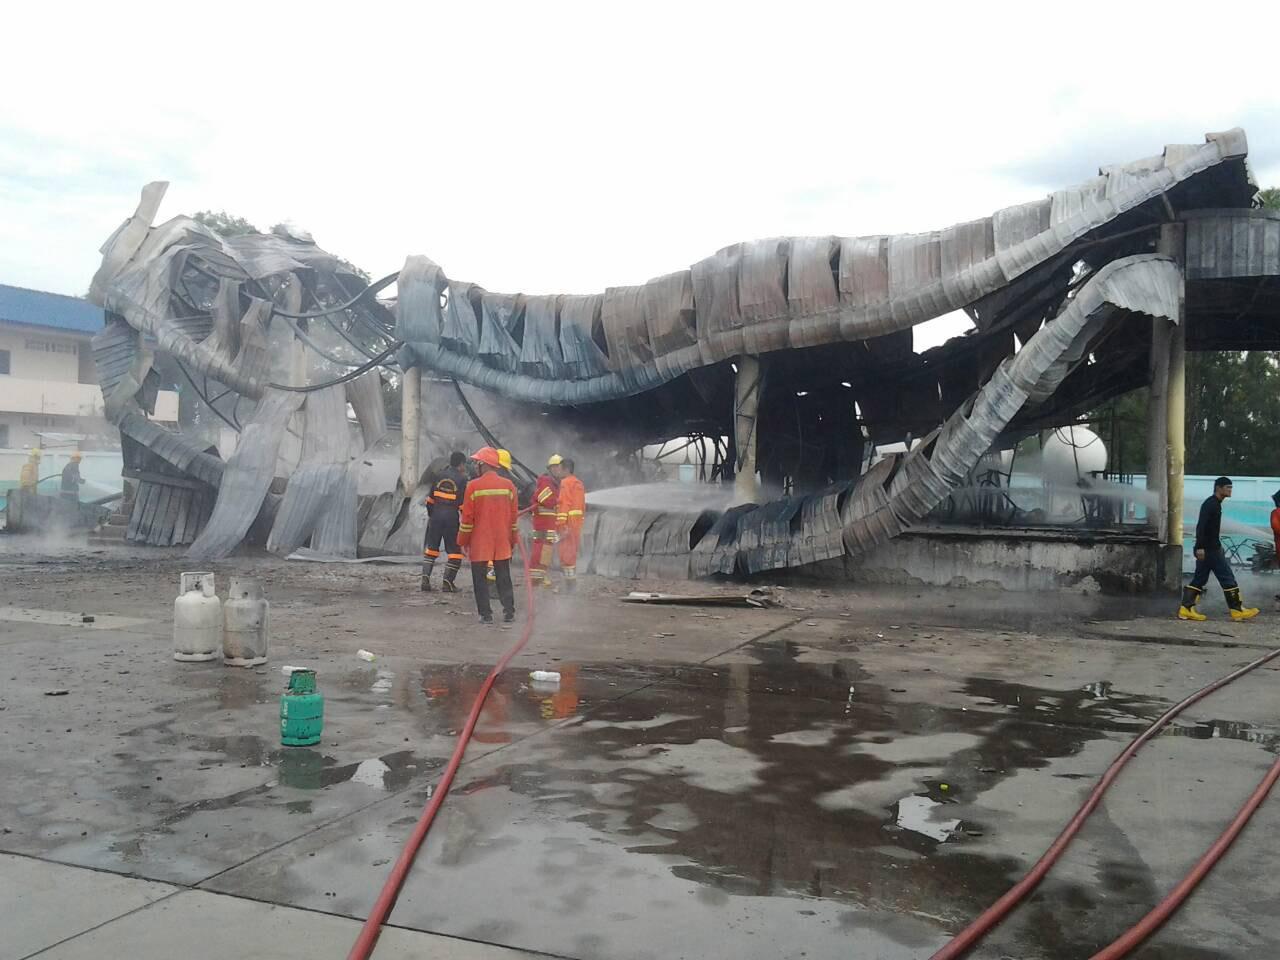 สภาพ โรงงานบรรจุแก๊ส LPG ย่านหทัยราษฎร์ หลังเพลิงไหม้ มีผู้บาดเจ็บสาหัส 1 ราย